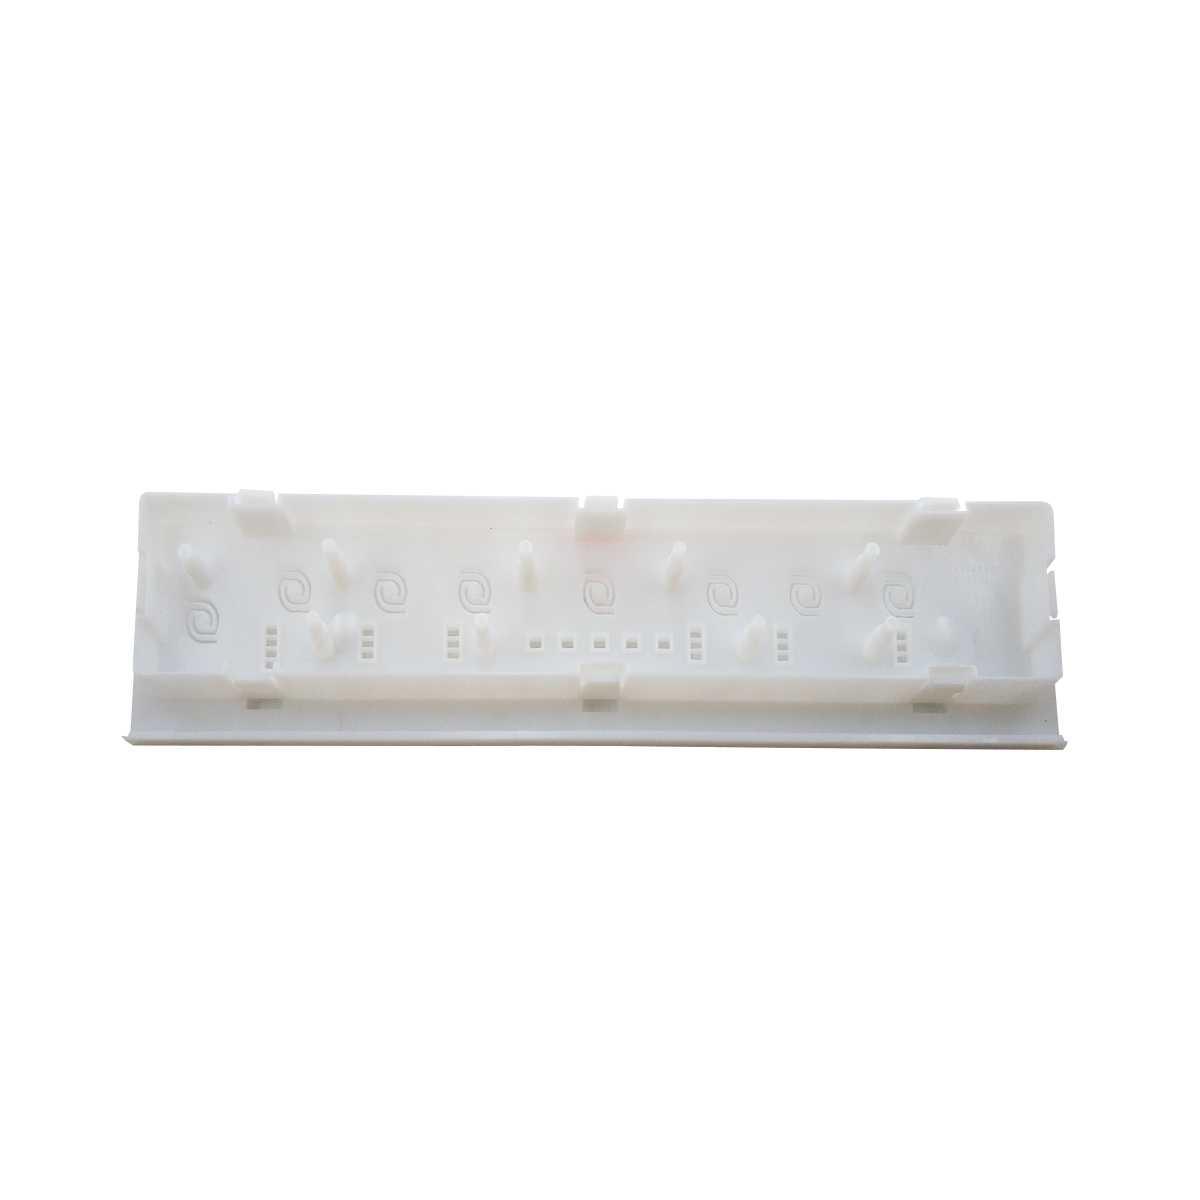 Suporte da placa compatível lavadora Brastemp 326009973